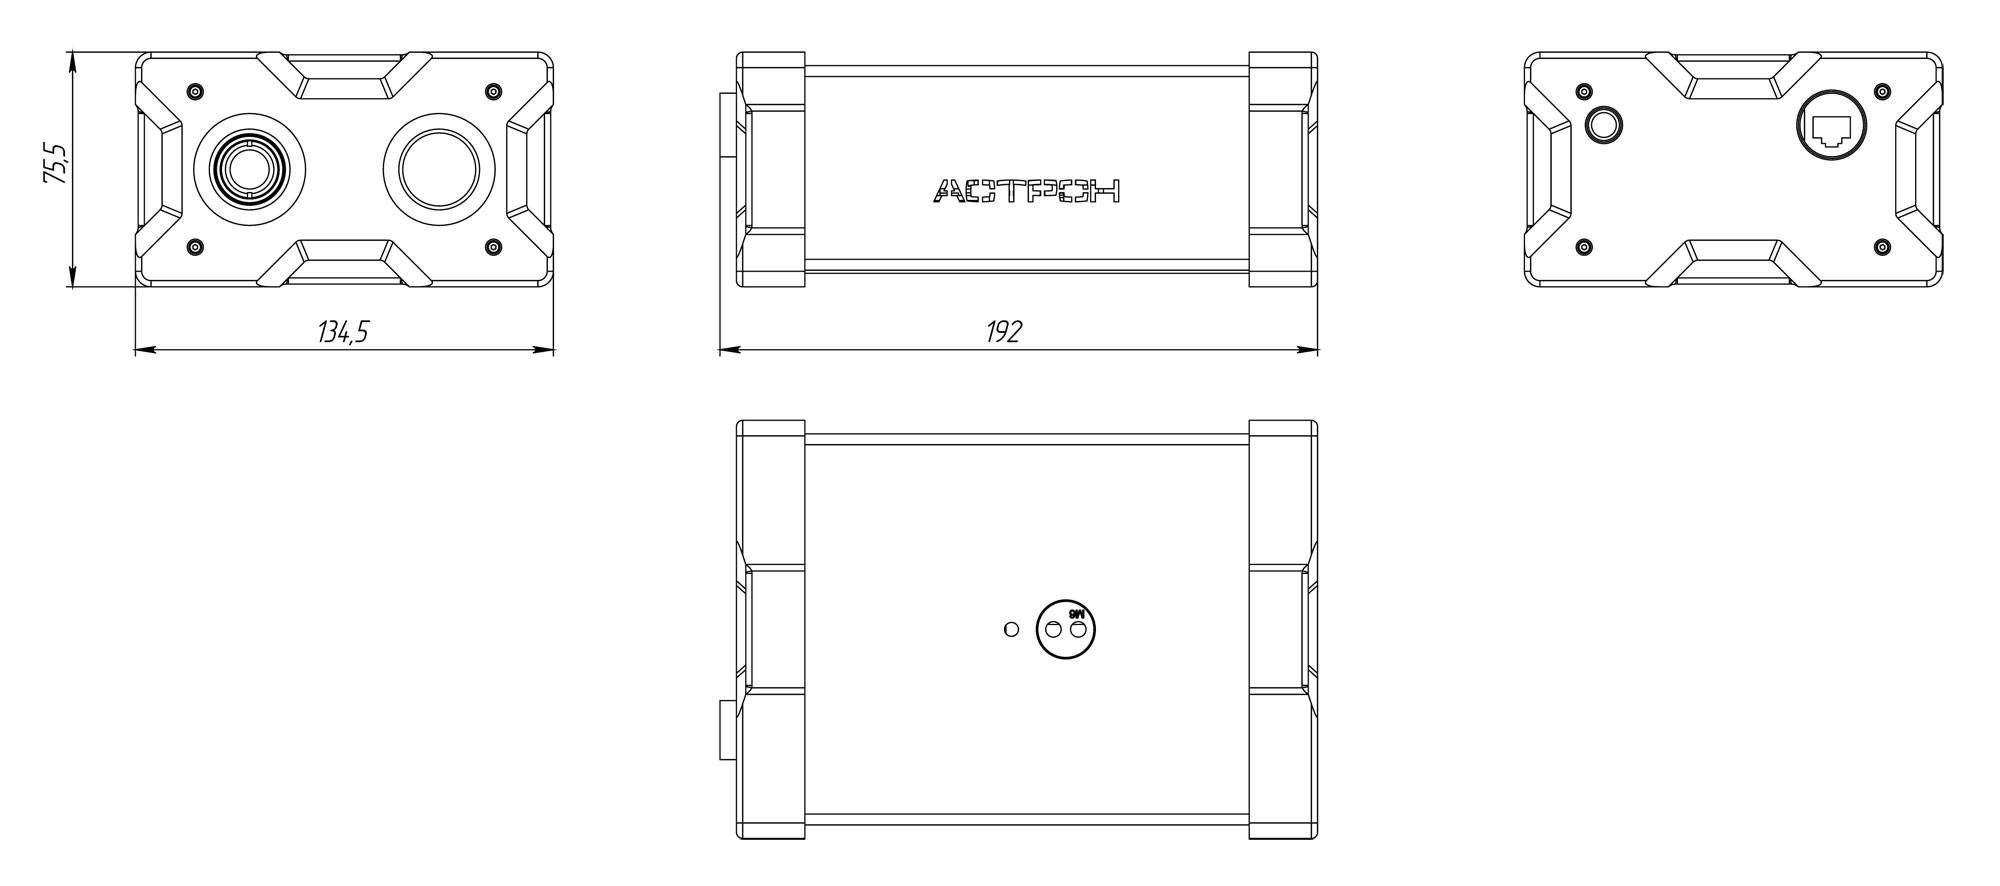 Габаритные чертежи Тепловизионно-телевизионного регистратора определения температуры тела в потоке людей АСТРОН-ПTР2020